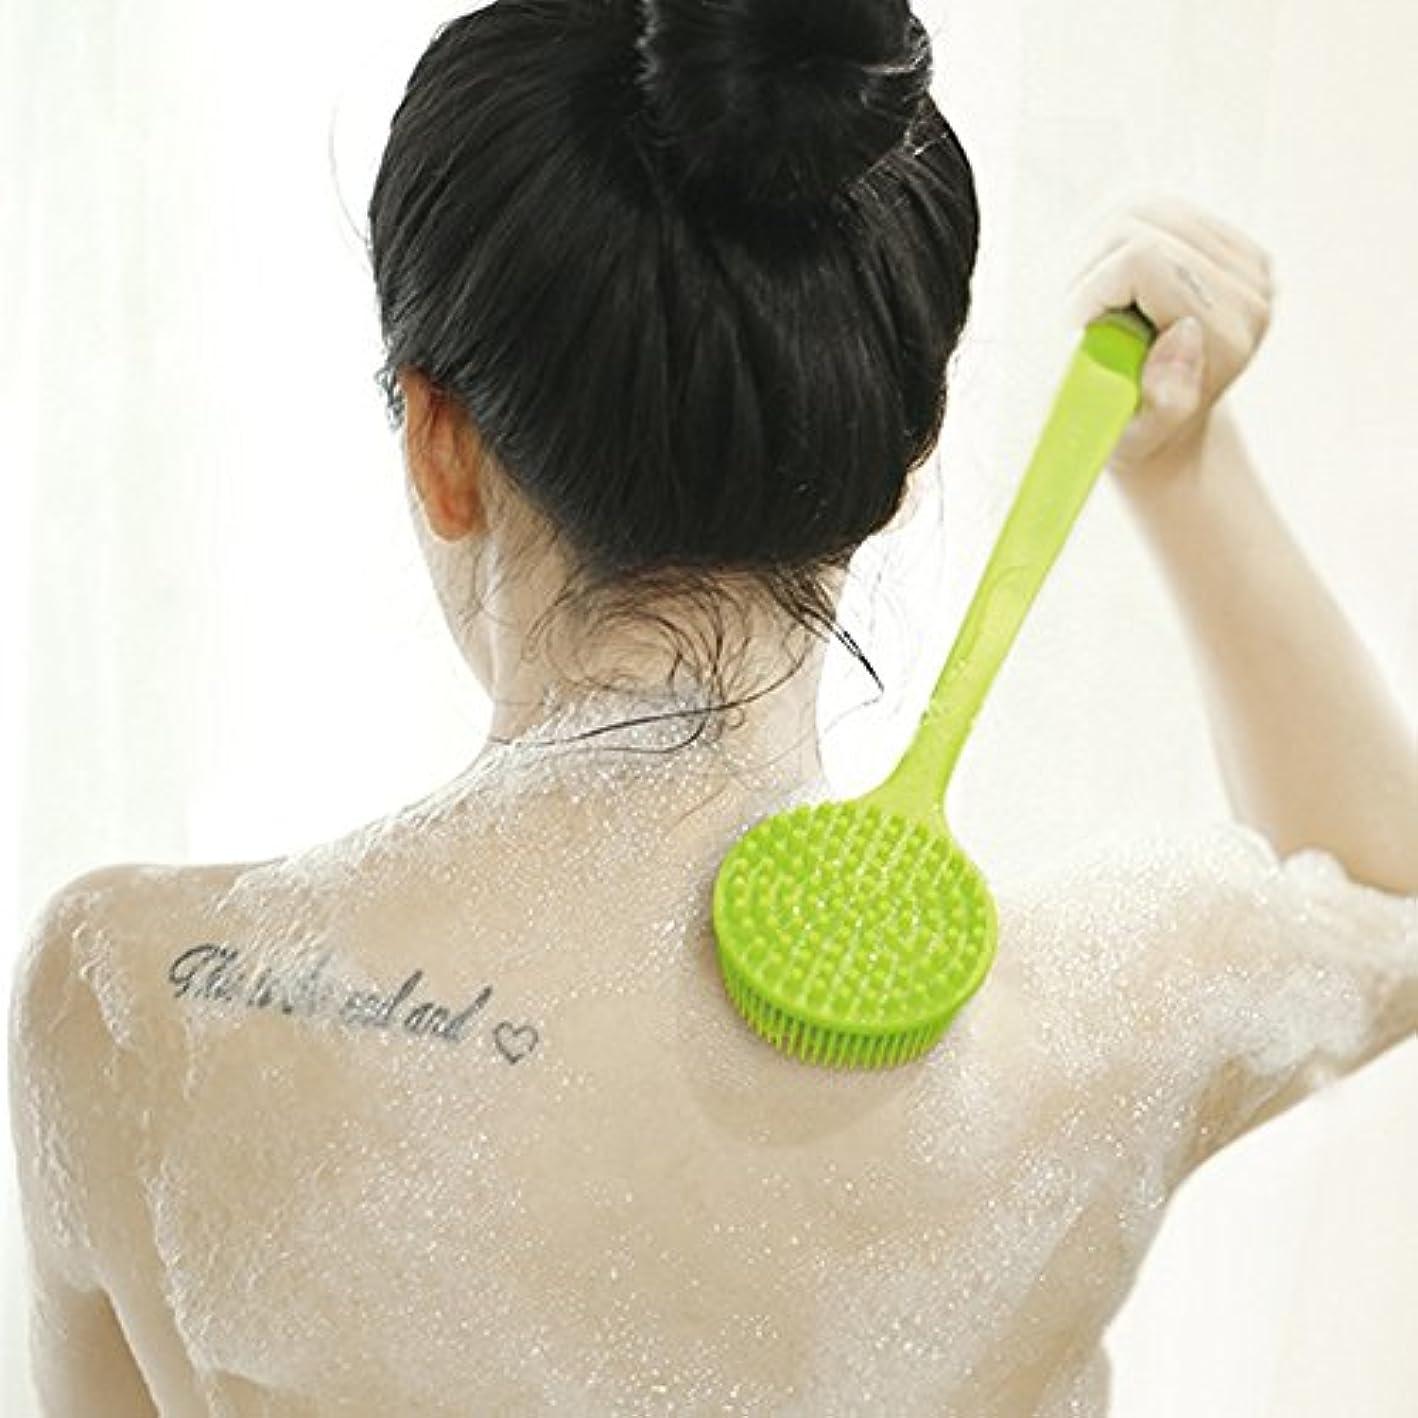 半径リネンジョリーボディブラシ シャワーブラシ お風呂用 シリコン製 体洗い マッサージブラシ 毛穴洗浄 角質除去 多機能 柔らかい